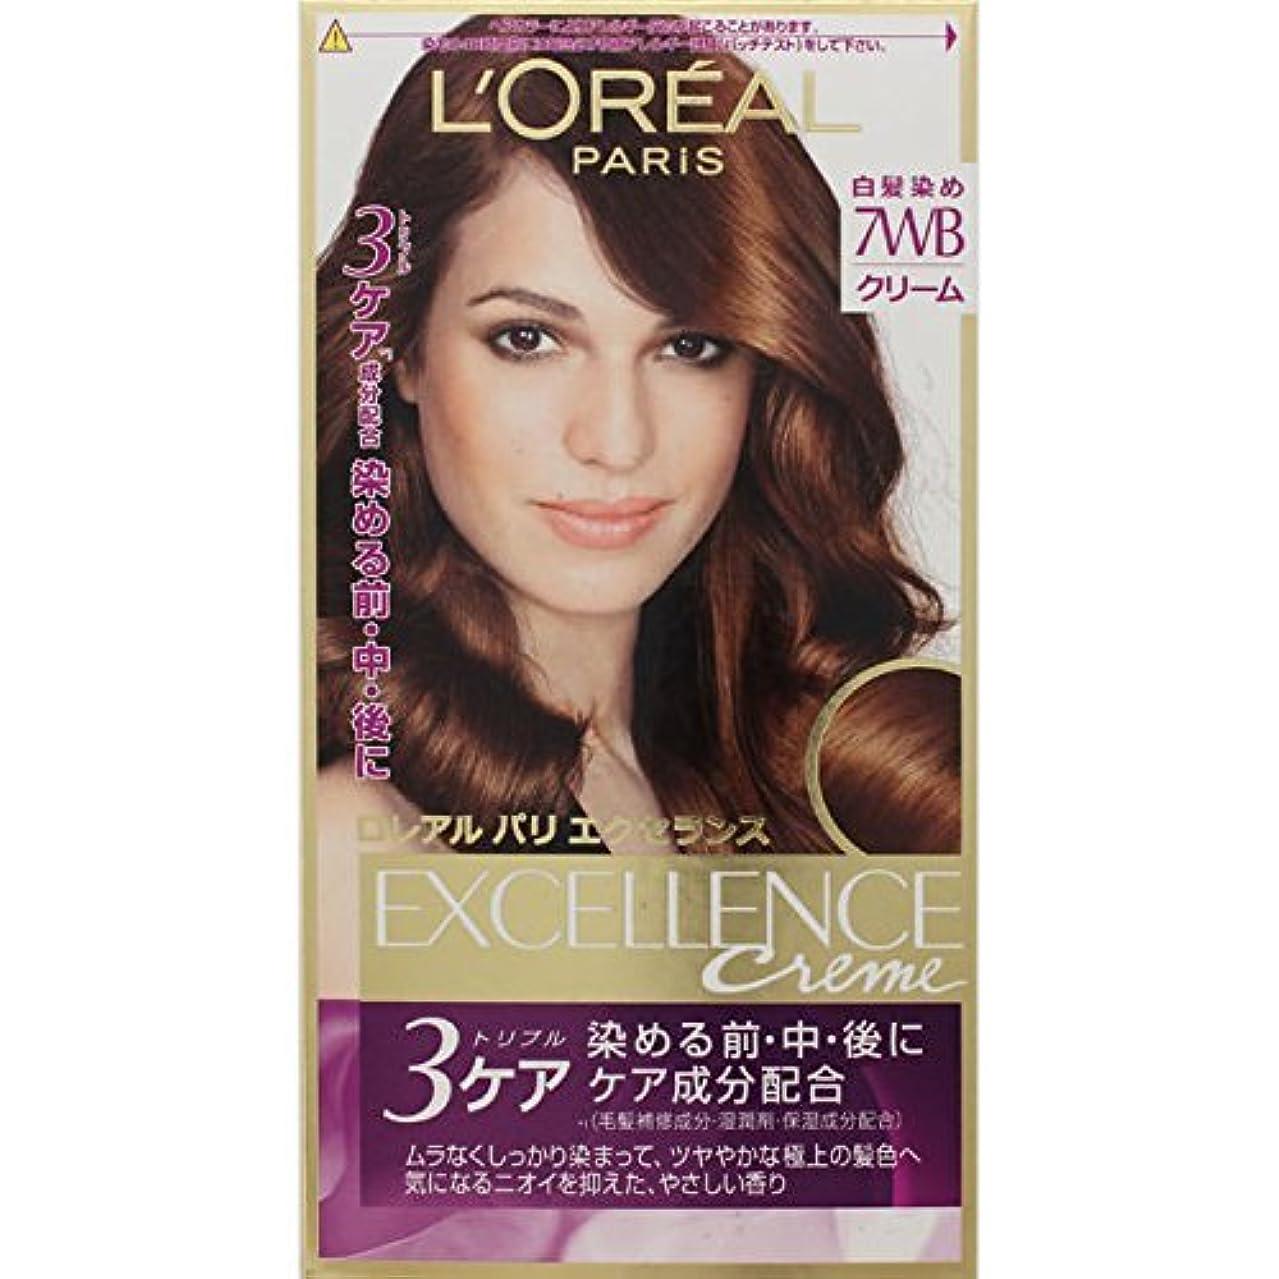 嫌い収束するイブロレアル パリ ヘアカラー 白髪染め エクセランス N クリームタイプ 7WB ウォーム系の明るい栗色